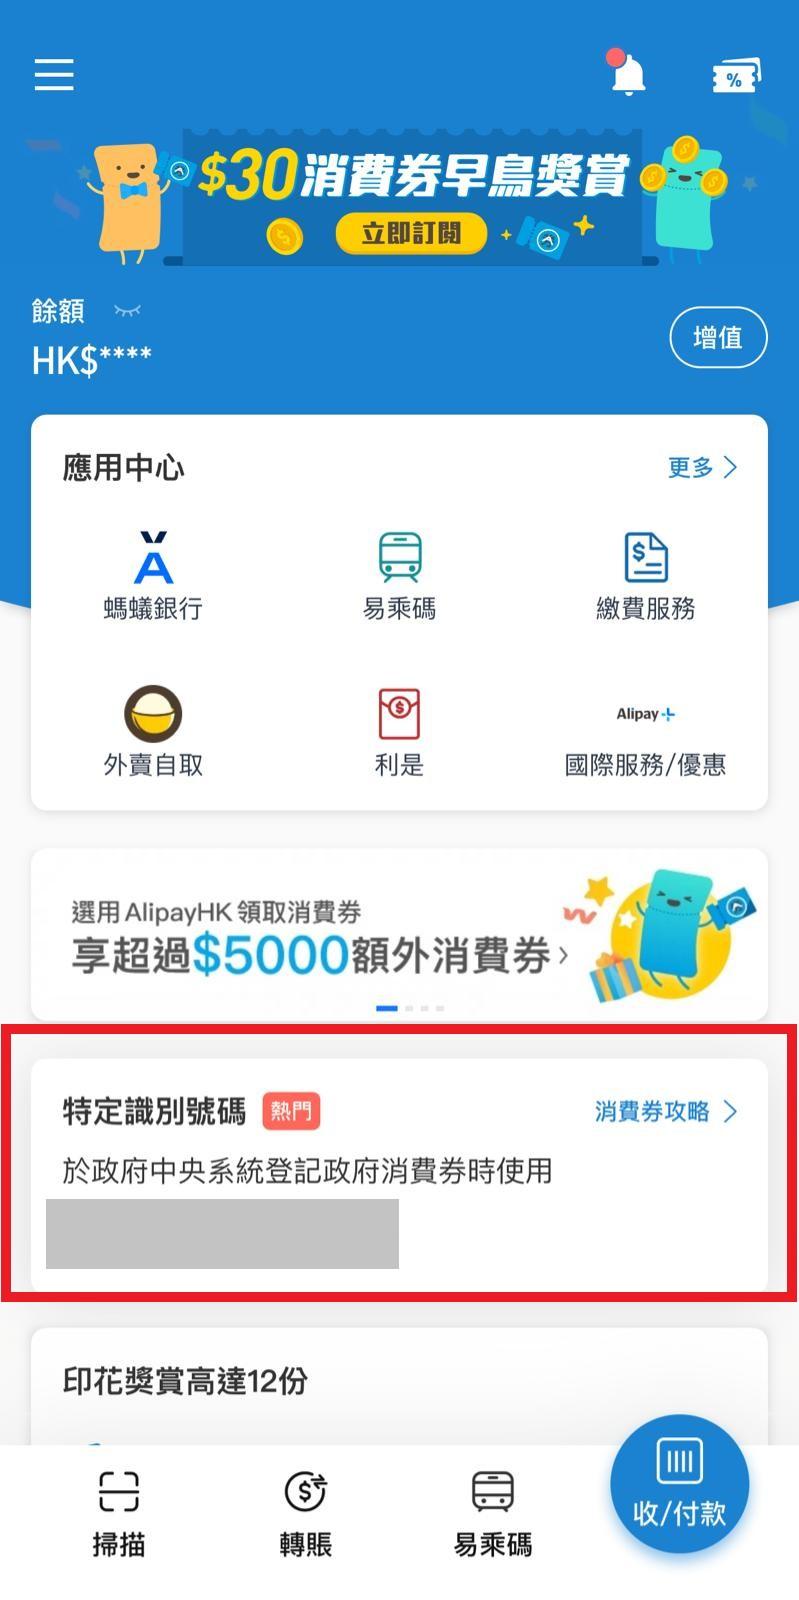 AlipayHK宣布加推3重登記獎賞